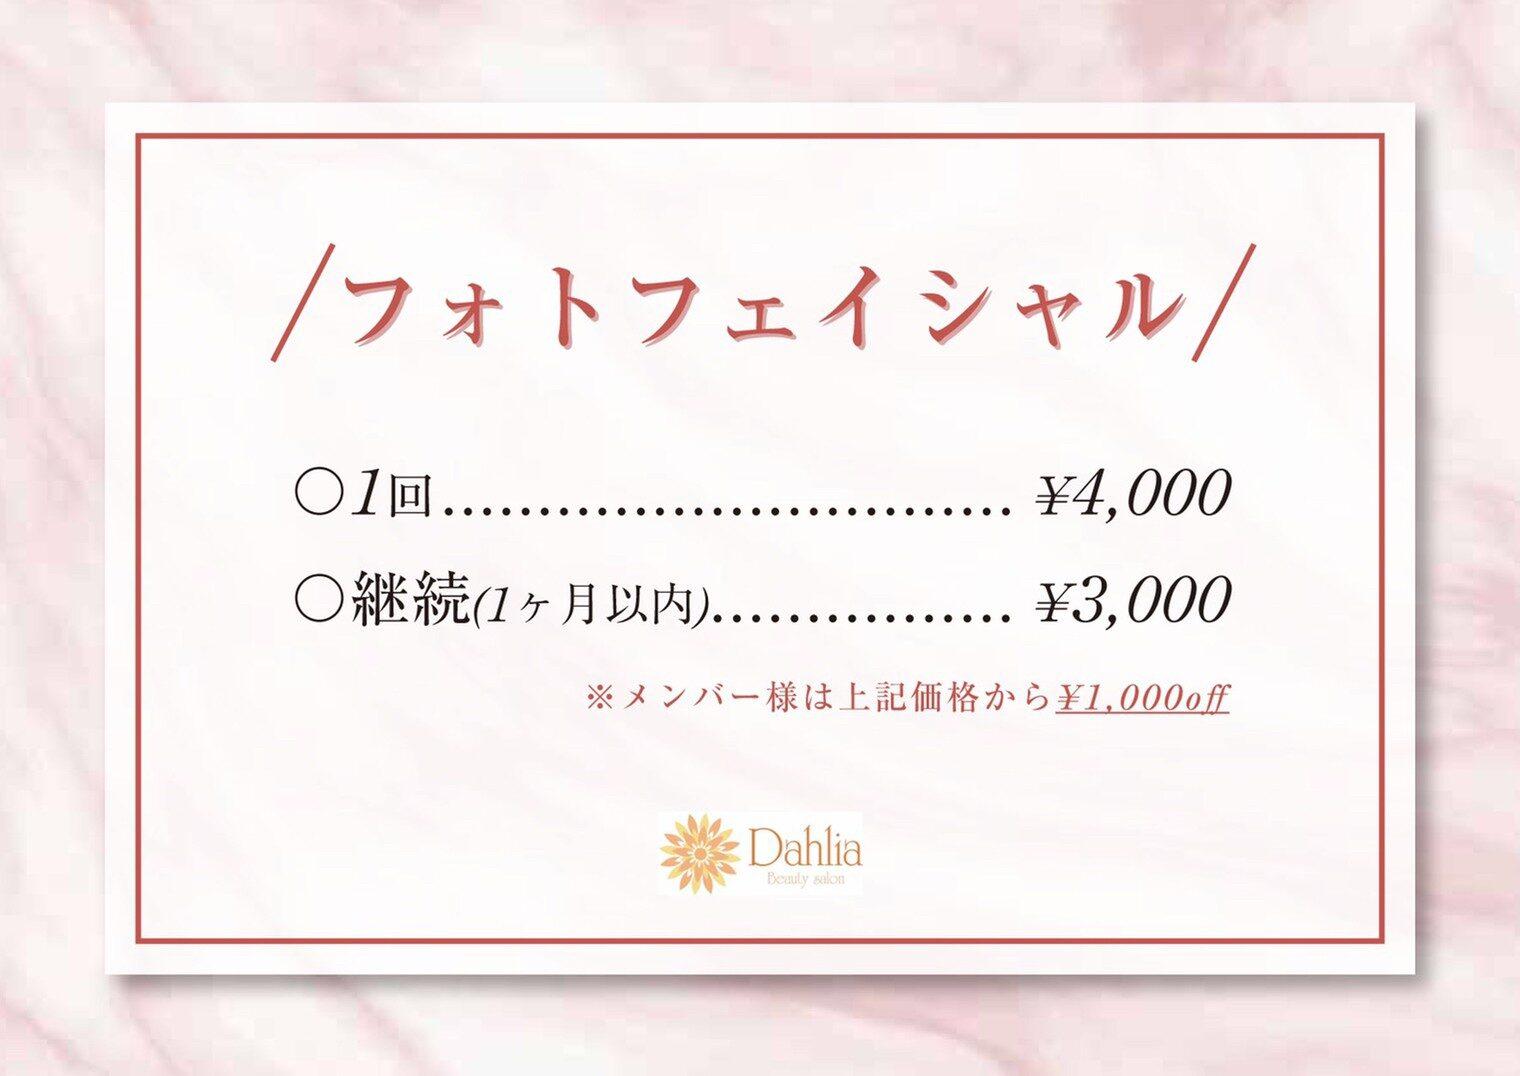 フォトフェイシャル 1回: ¥4,000 継続(1ヶ月以内): ¥3,000 *メンバー様は上記価格から¥1,000off